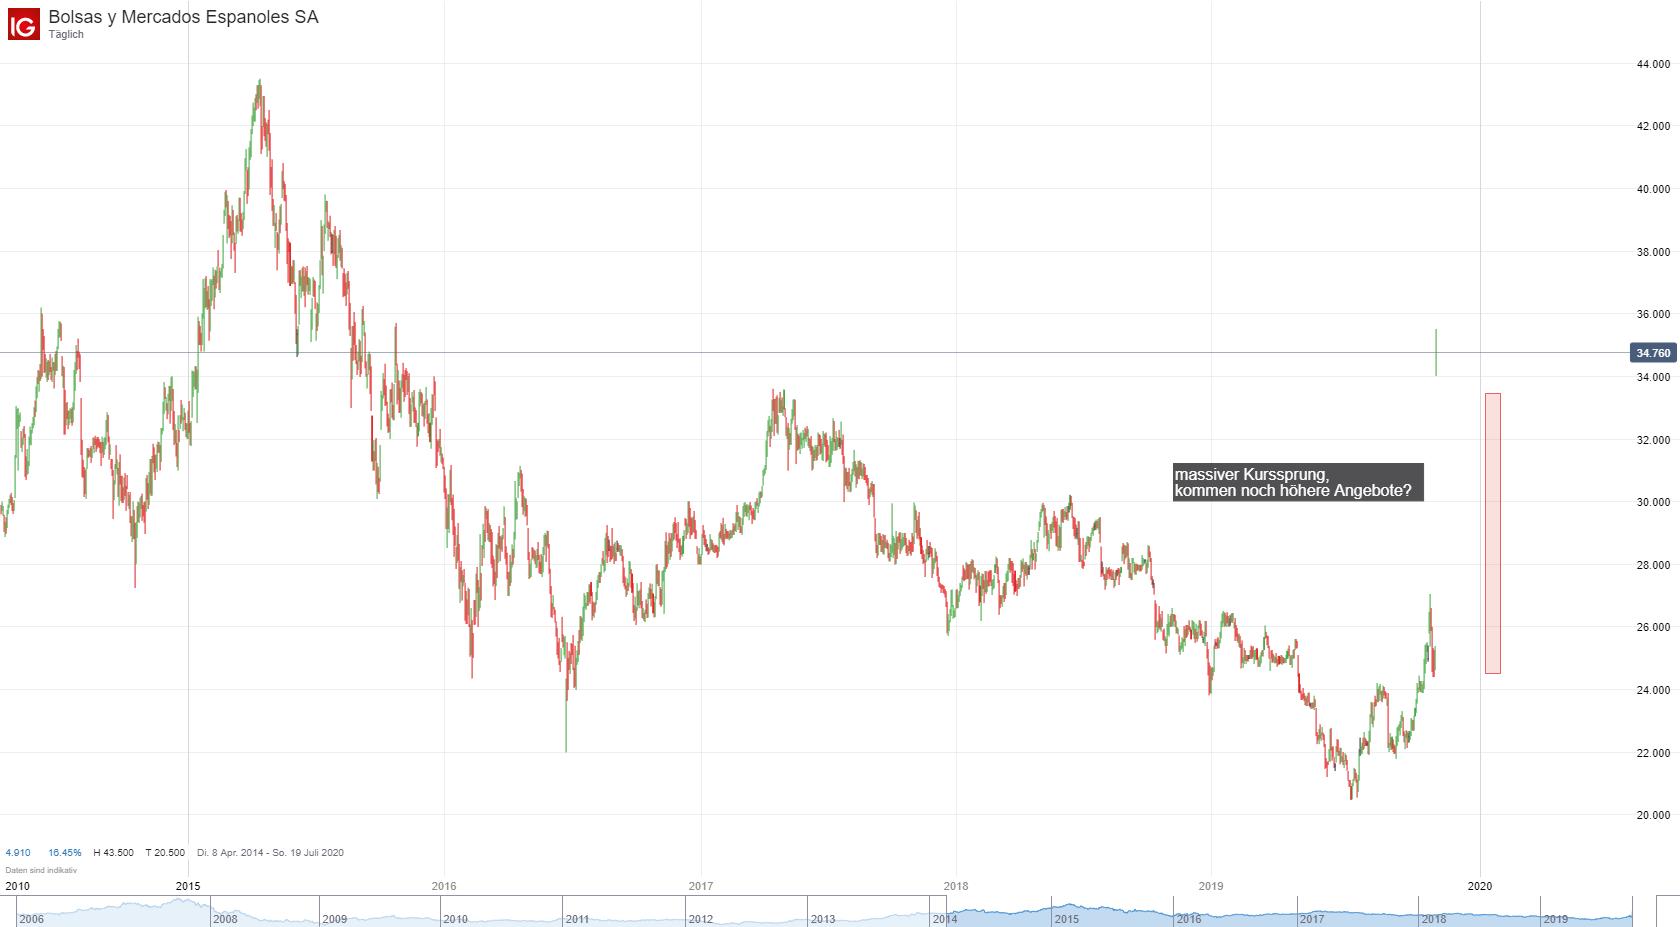 Bolsas y Mercados Espanoles SA (BME) Aktien Chart; Quelle: IG Plattform